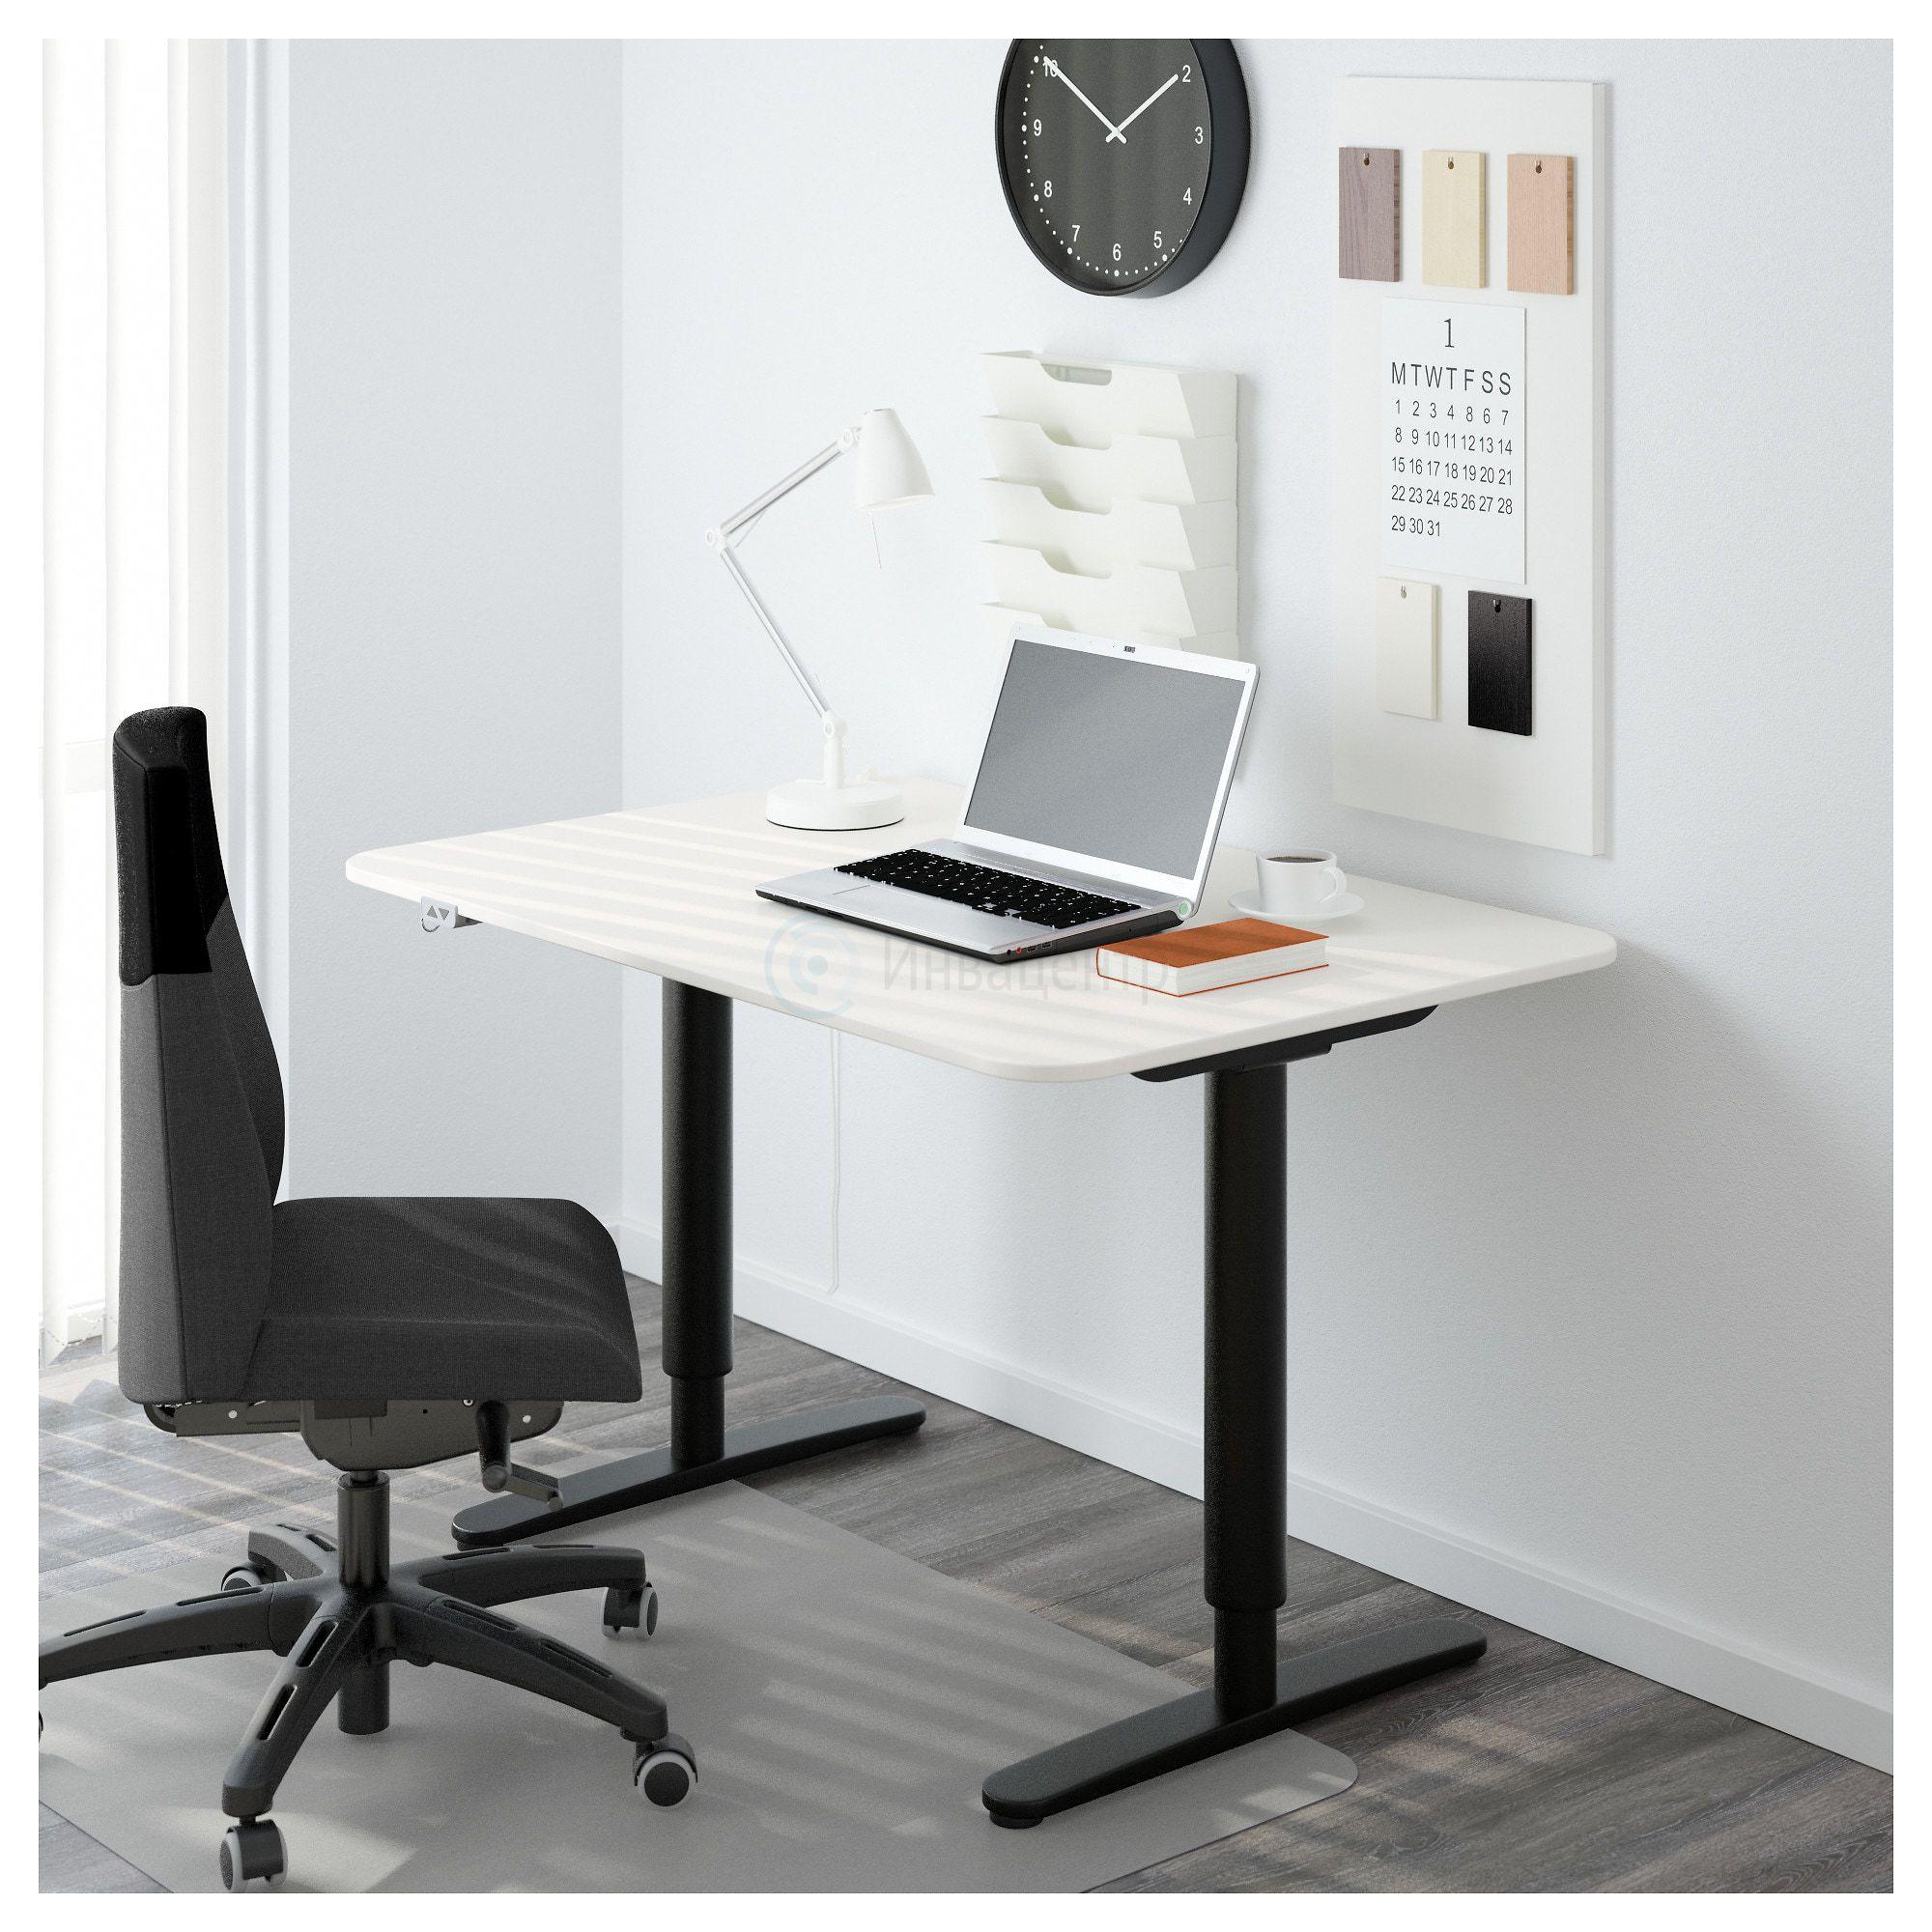 Стол для инвалидов Invastol-EBW с электроприводом, черно-белый